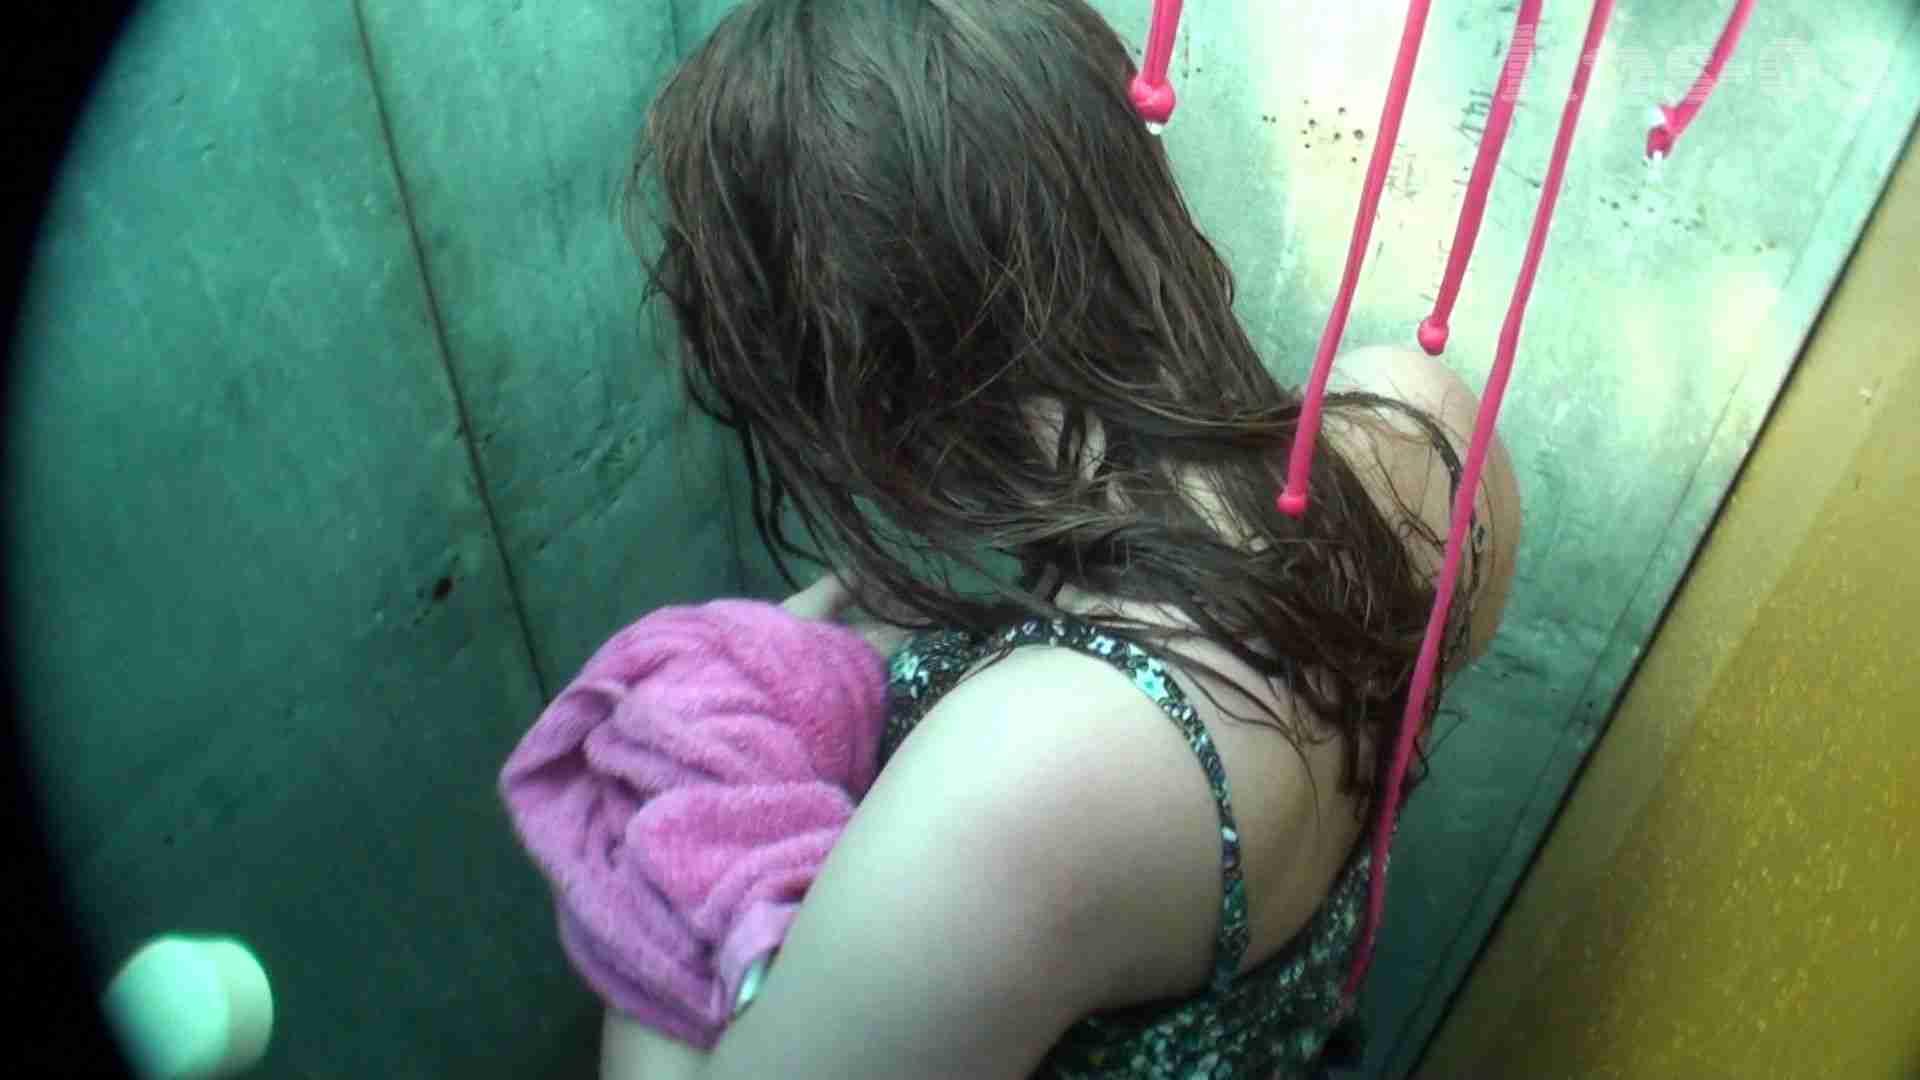 シャワールームは超!!危険な香りVol.3 ハートのタトゥーちょっとプヨってます。 高画質  106枚 18